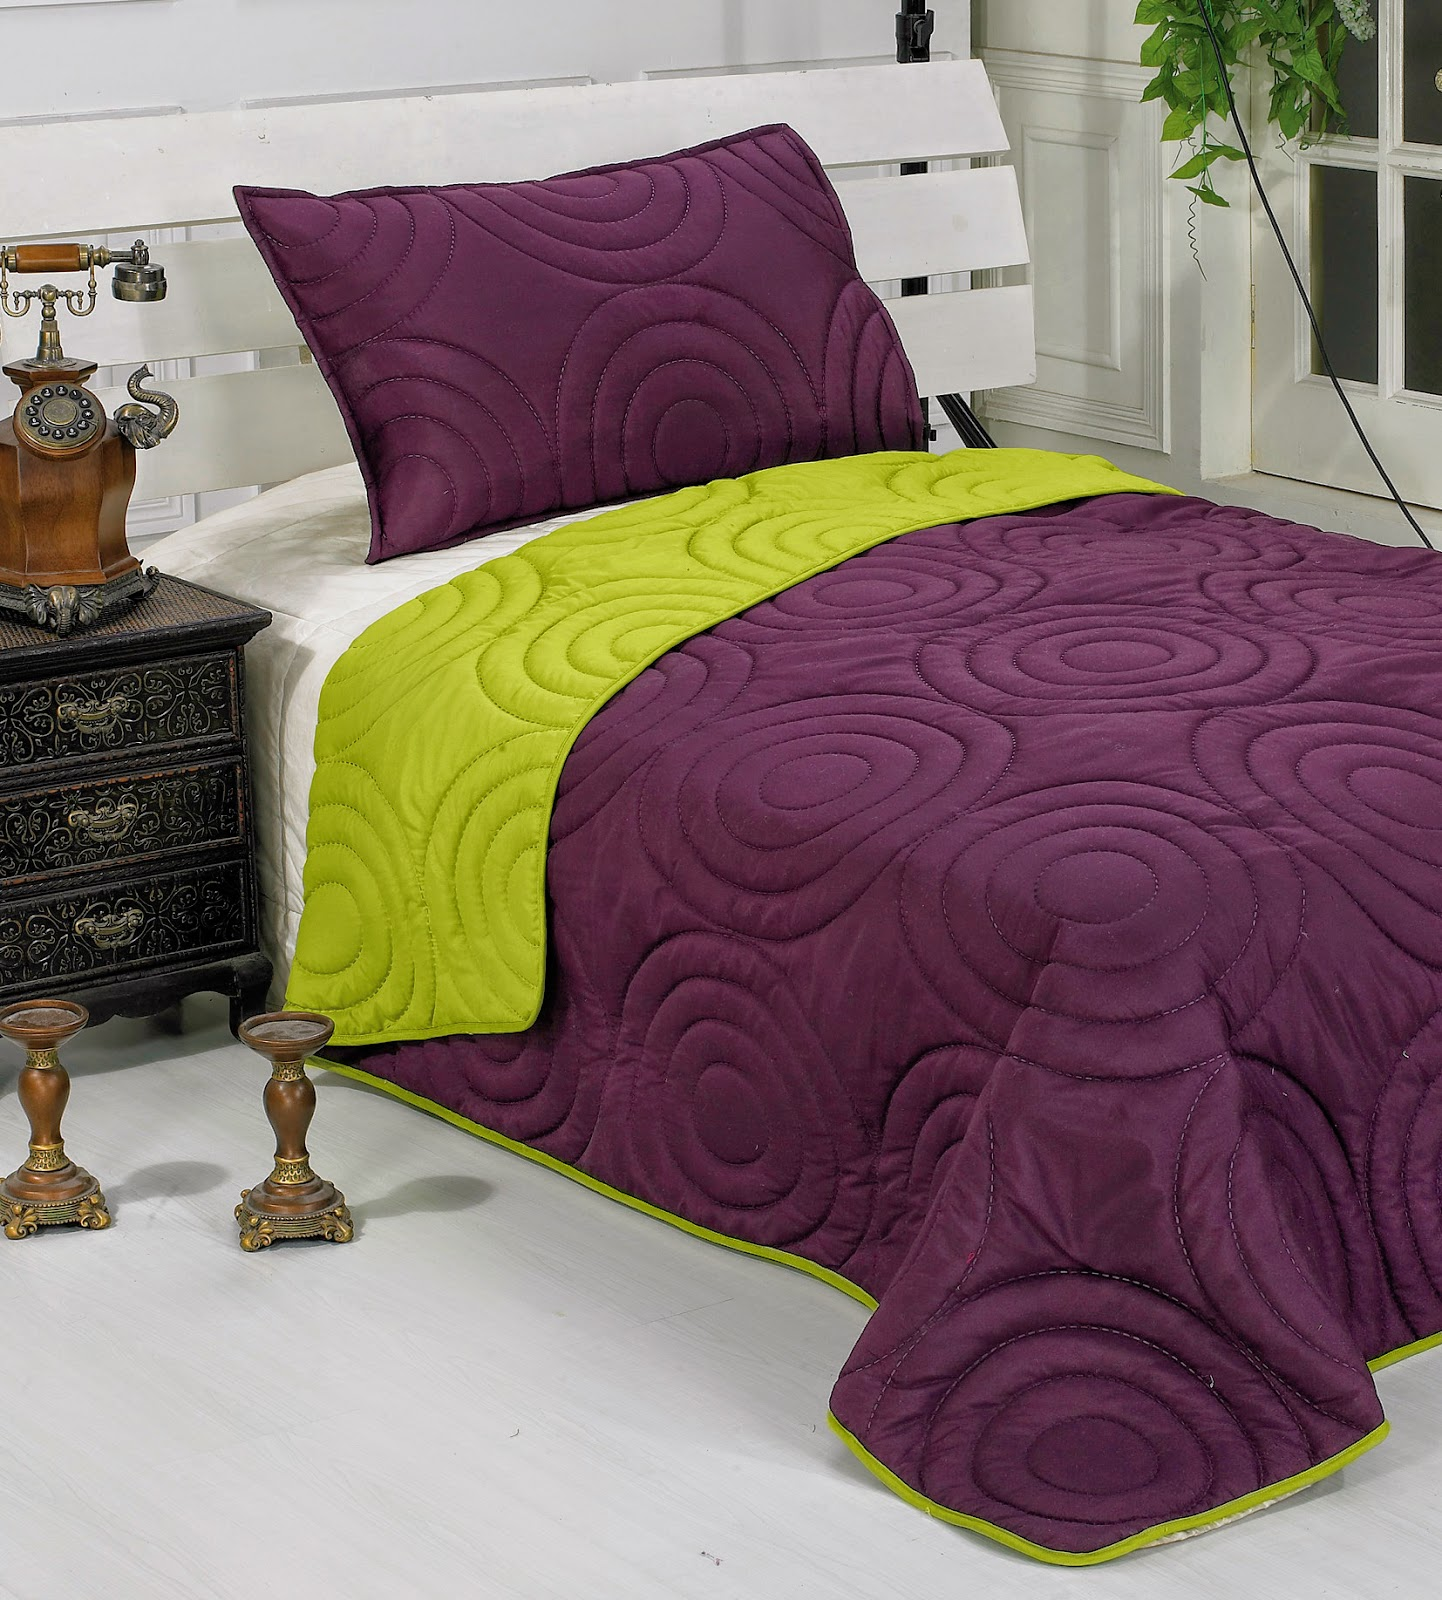 cuverturi de pat preturi